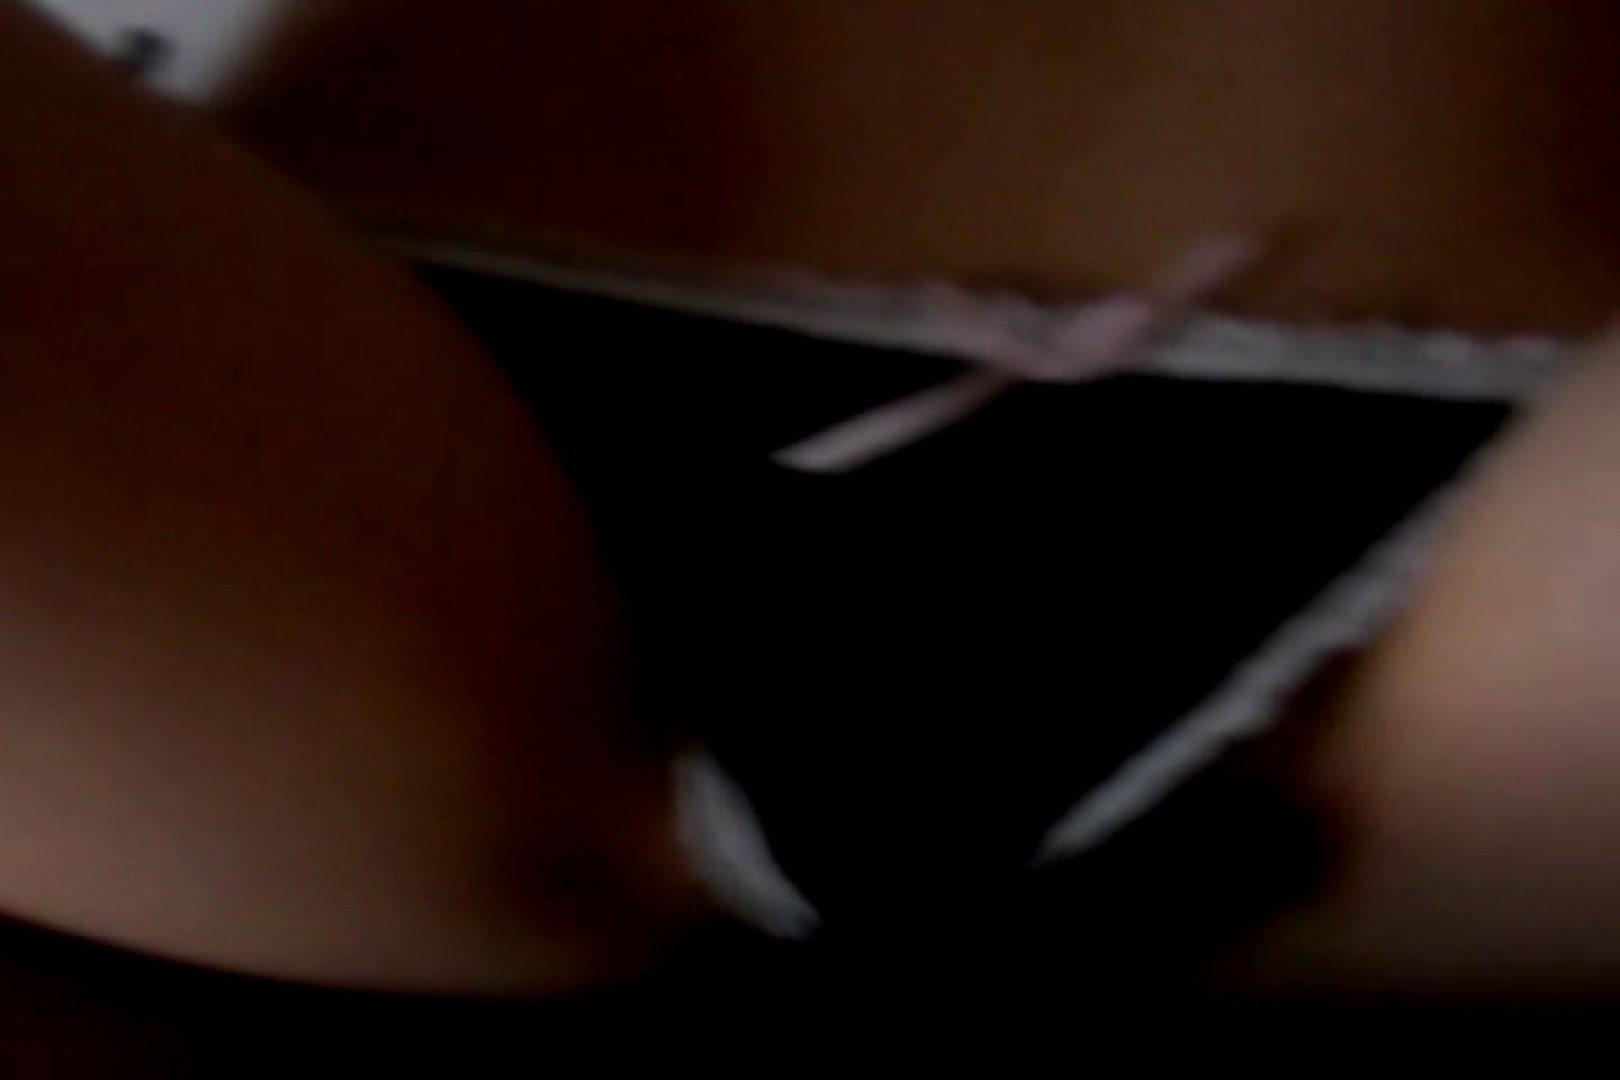 ウイルス流出 レオ&マンコのアルバム 可愛い浴衣 | 流出作品  105pic 91